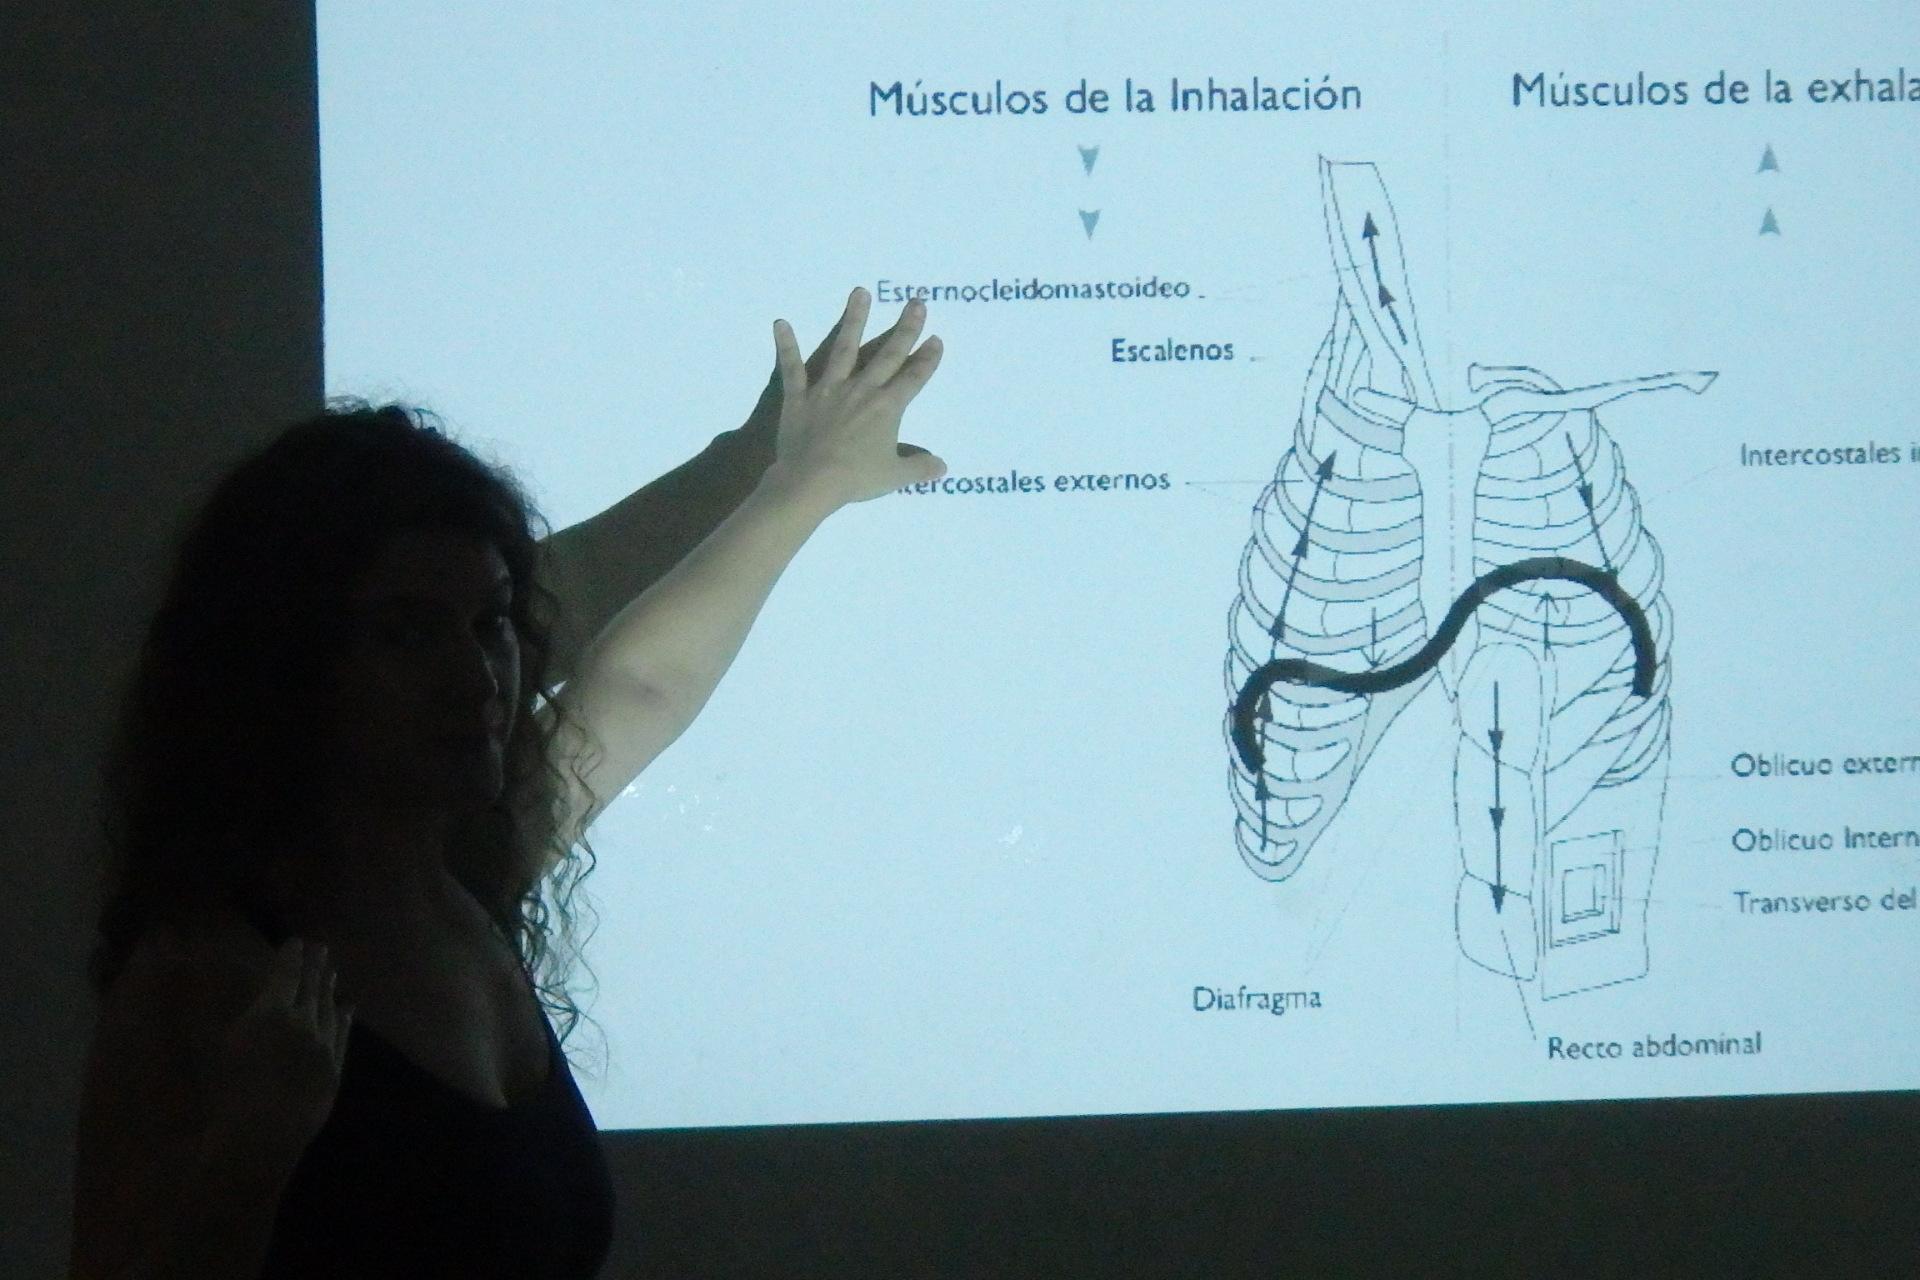 Músculos del aparato respiratorio